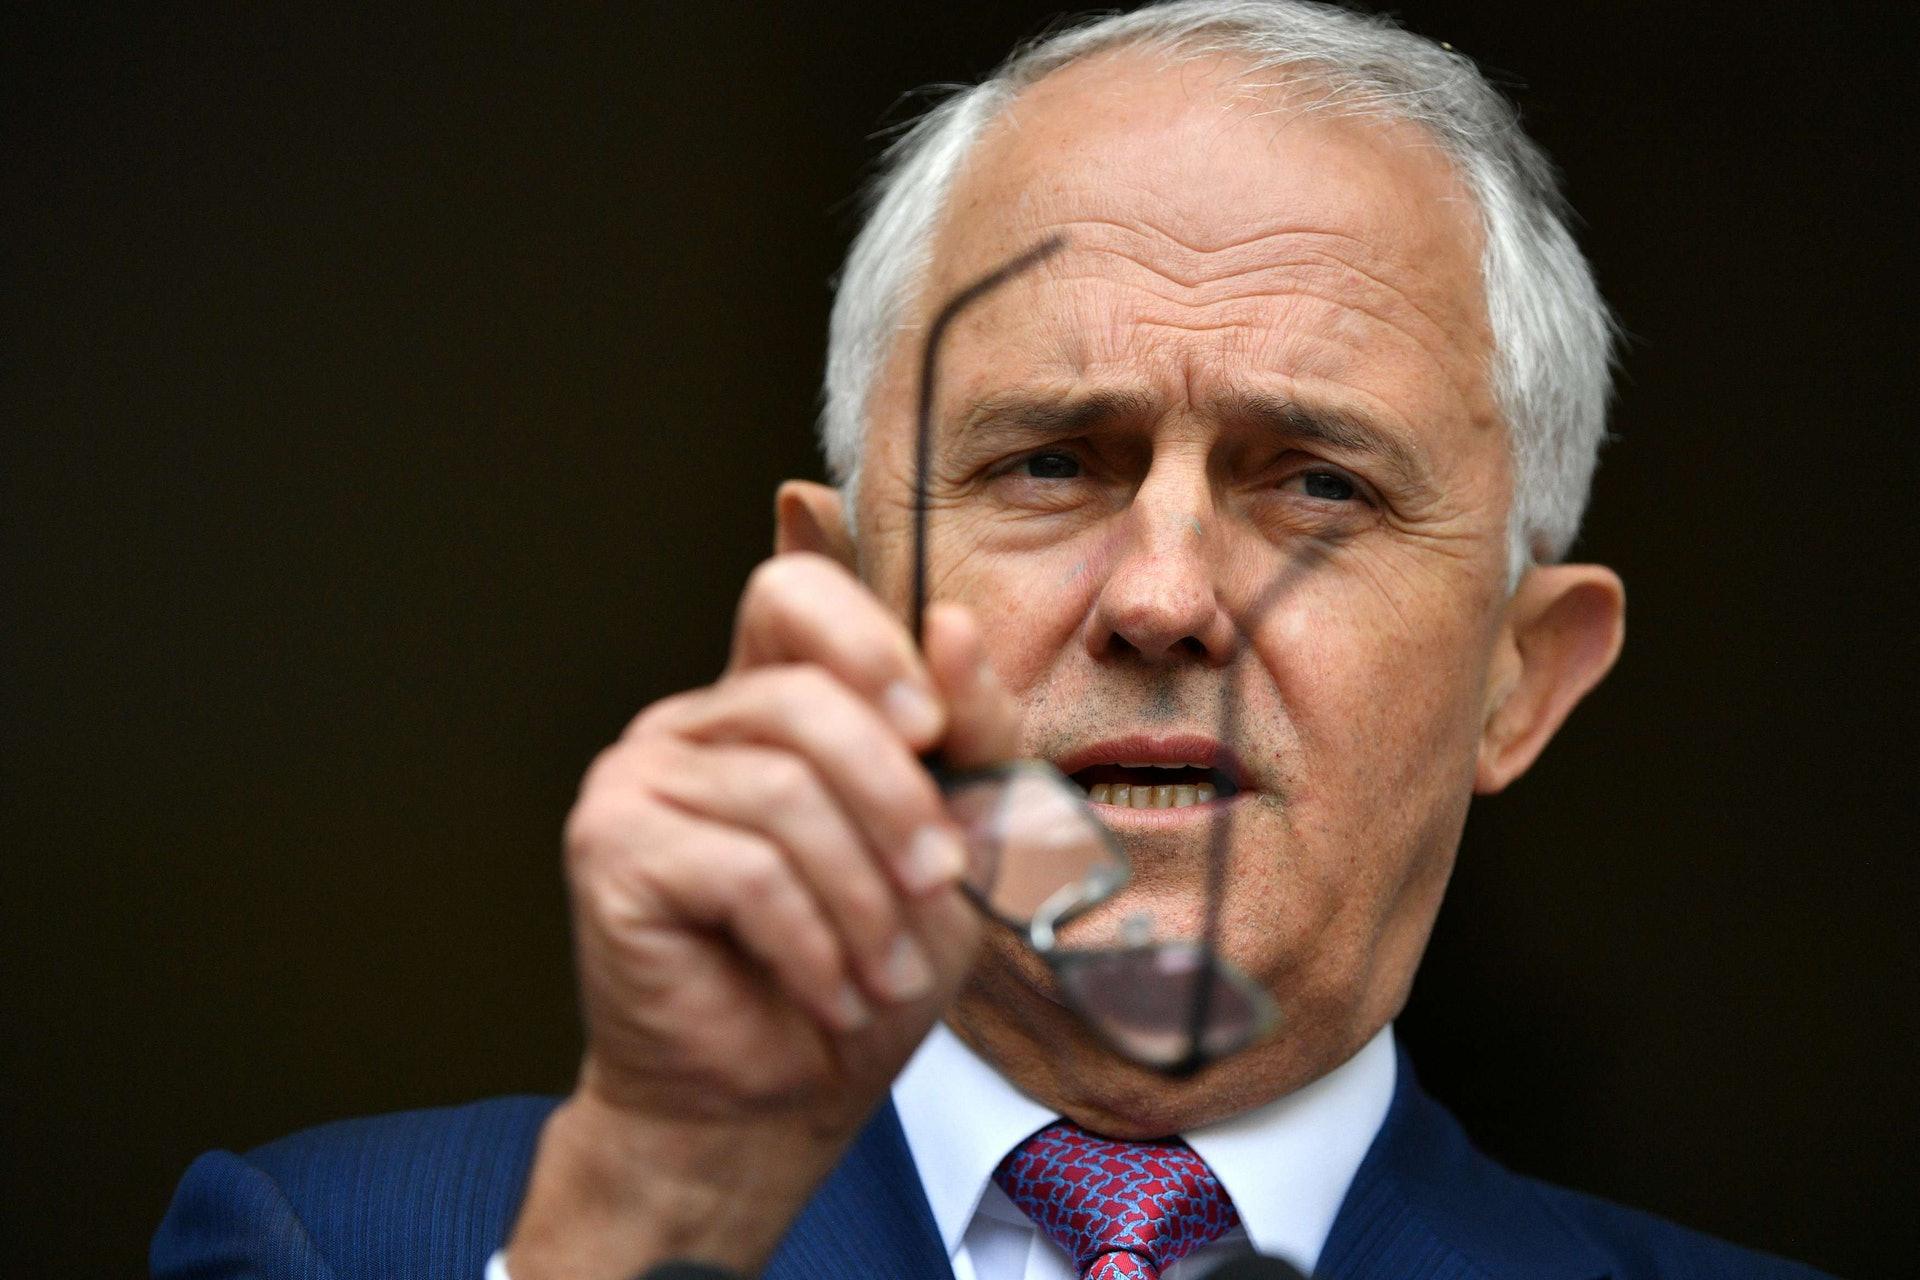 澳洲前總理特恩布爾( Malcolm Turnbull )曾發表爭議性言論「澳洲人民站起來了」。(Reuters)